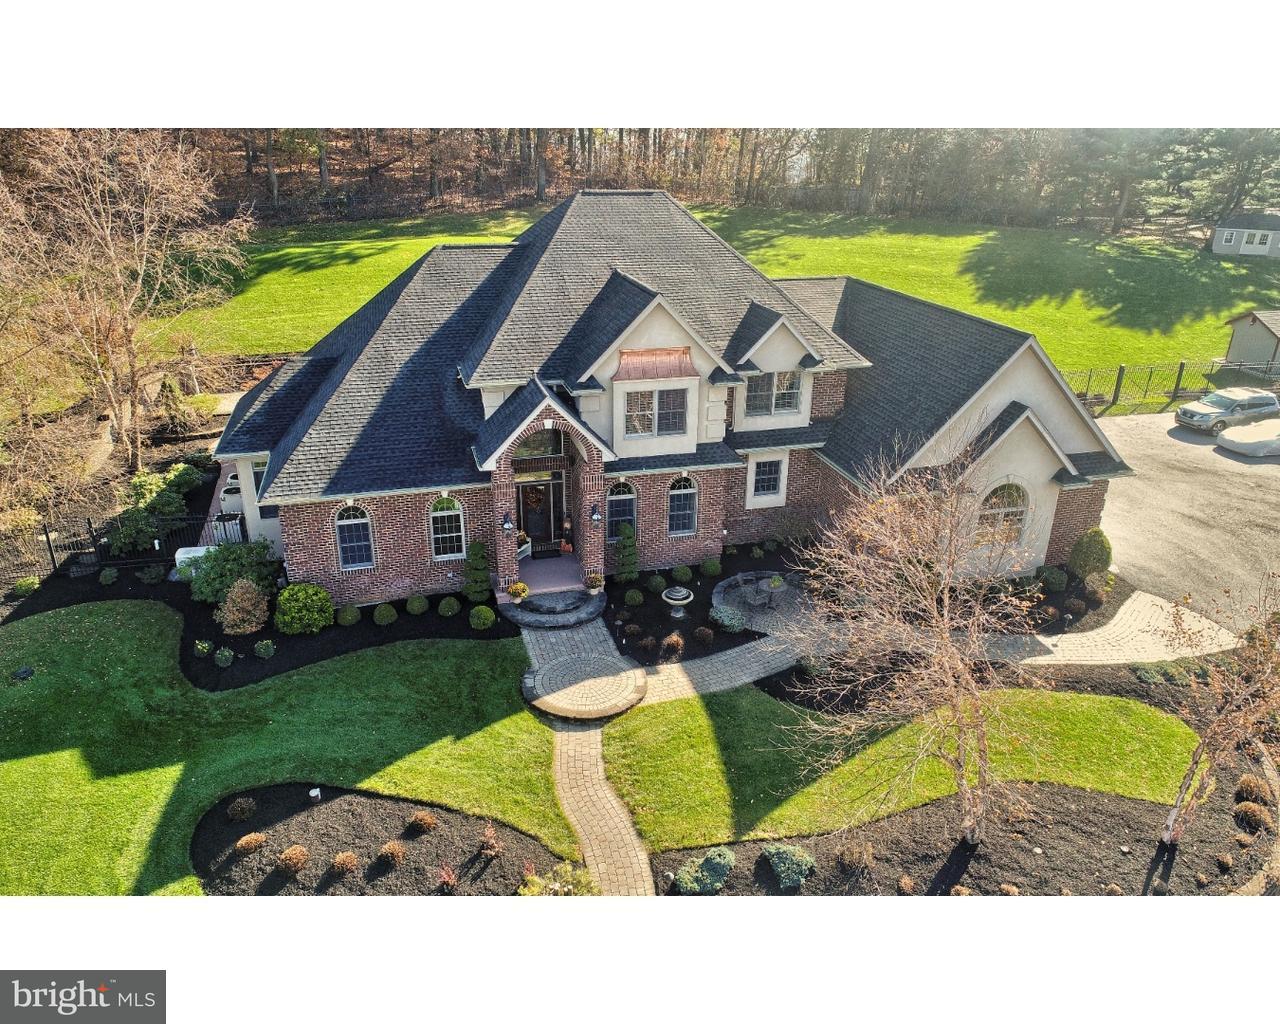 独户住宅 为 销售 在 212 HILLVIEW Circle Leesport, 宾夕法尼亚州 19533 美国